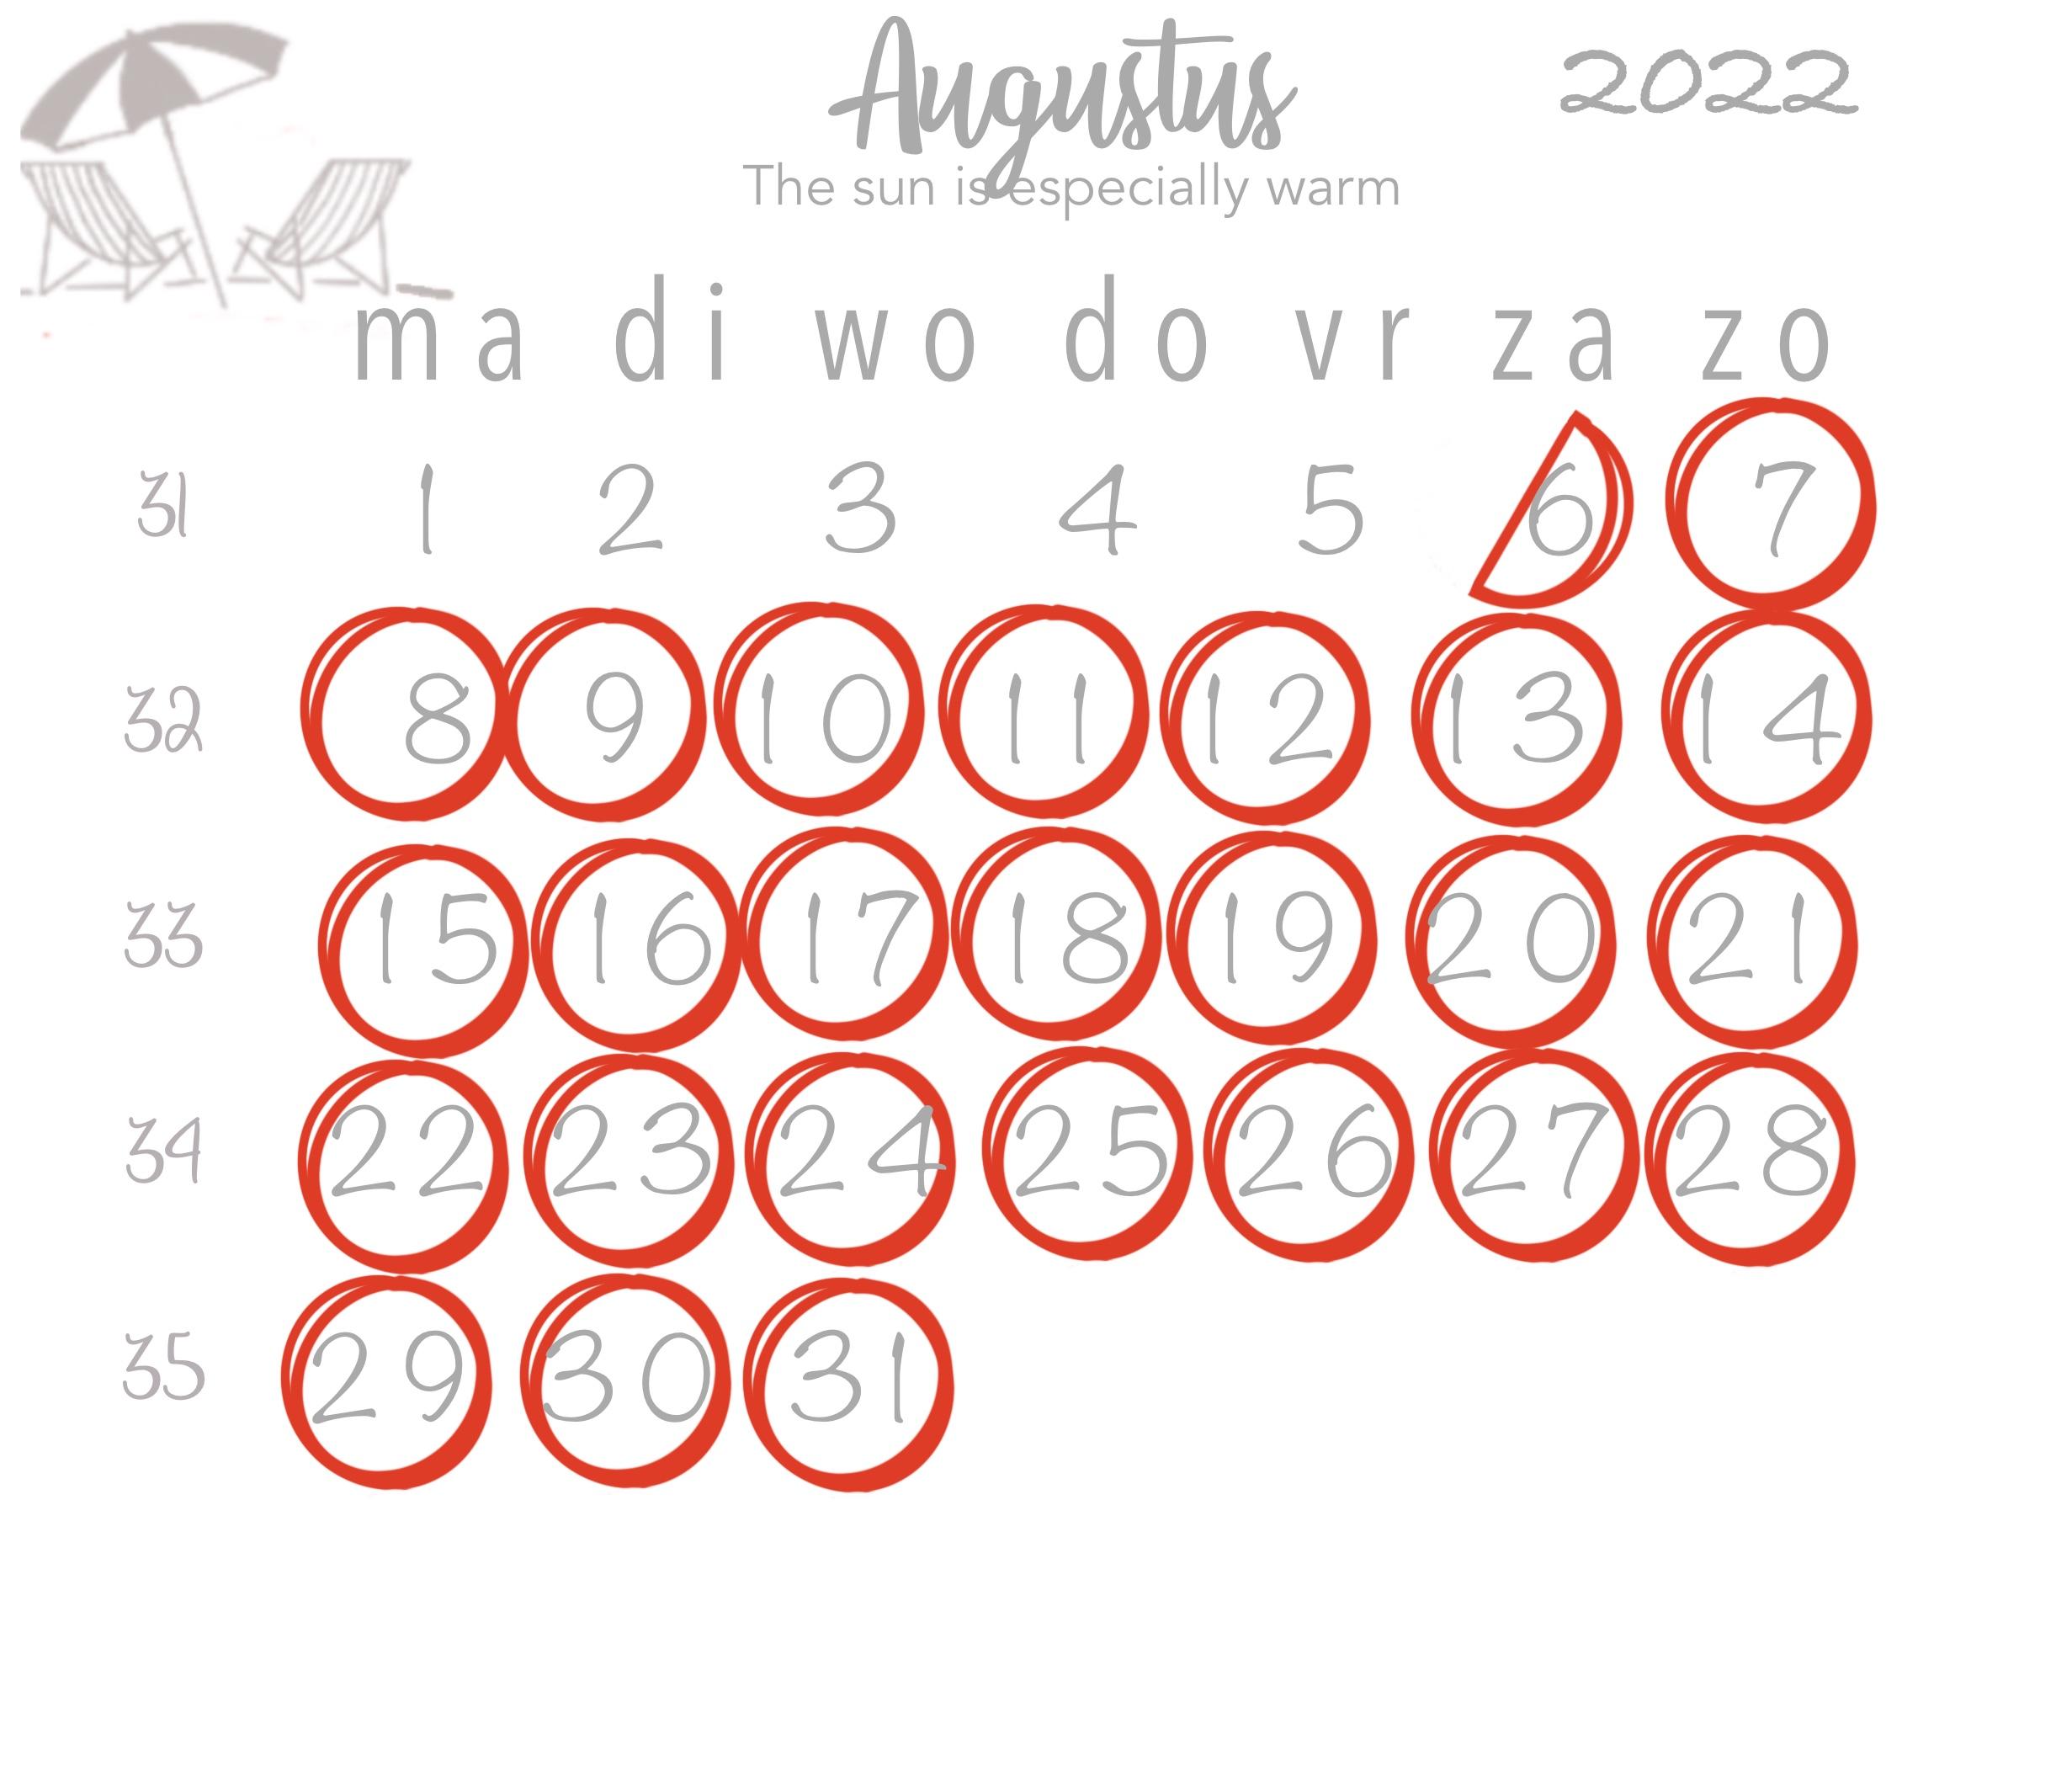 163E63E6 0D4C 4C5C ADD5 35E9D16AB300